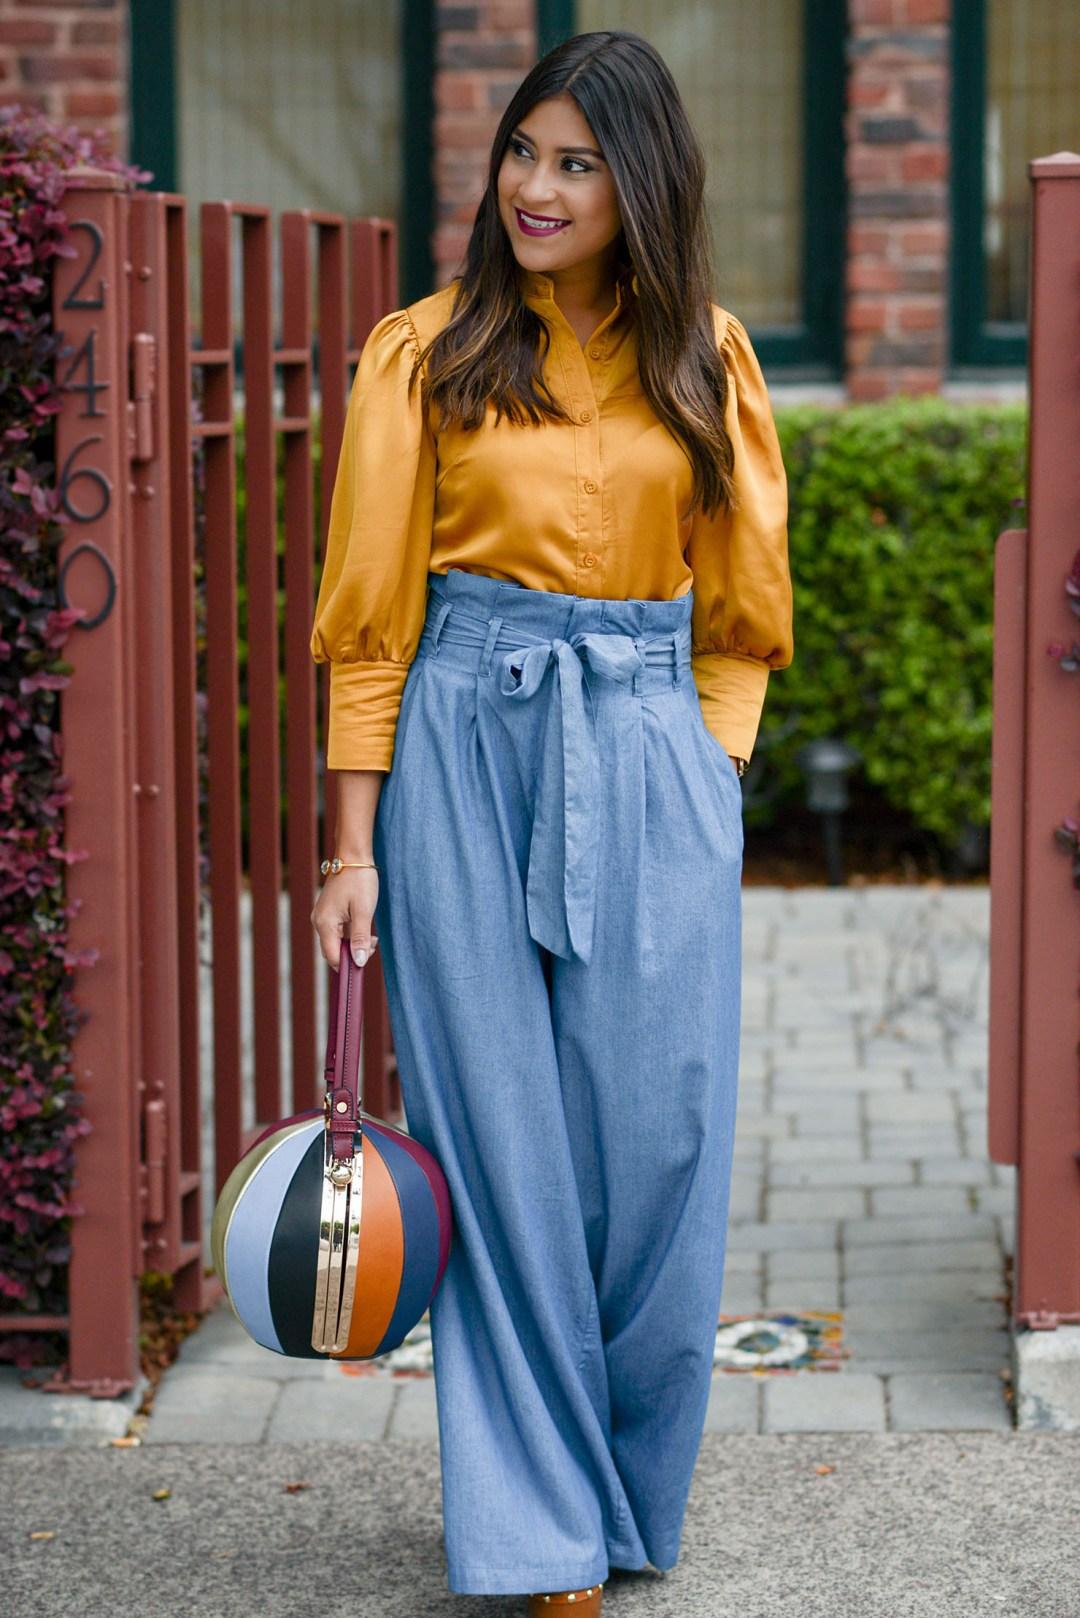 Lifestyle blogger Kelsey Kaplan of Kelsey Kaplan Fashion wearing wide leg pants and bowling ball bag